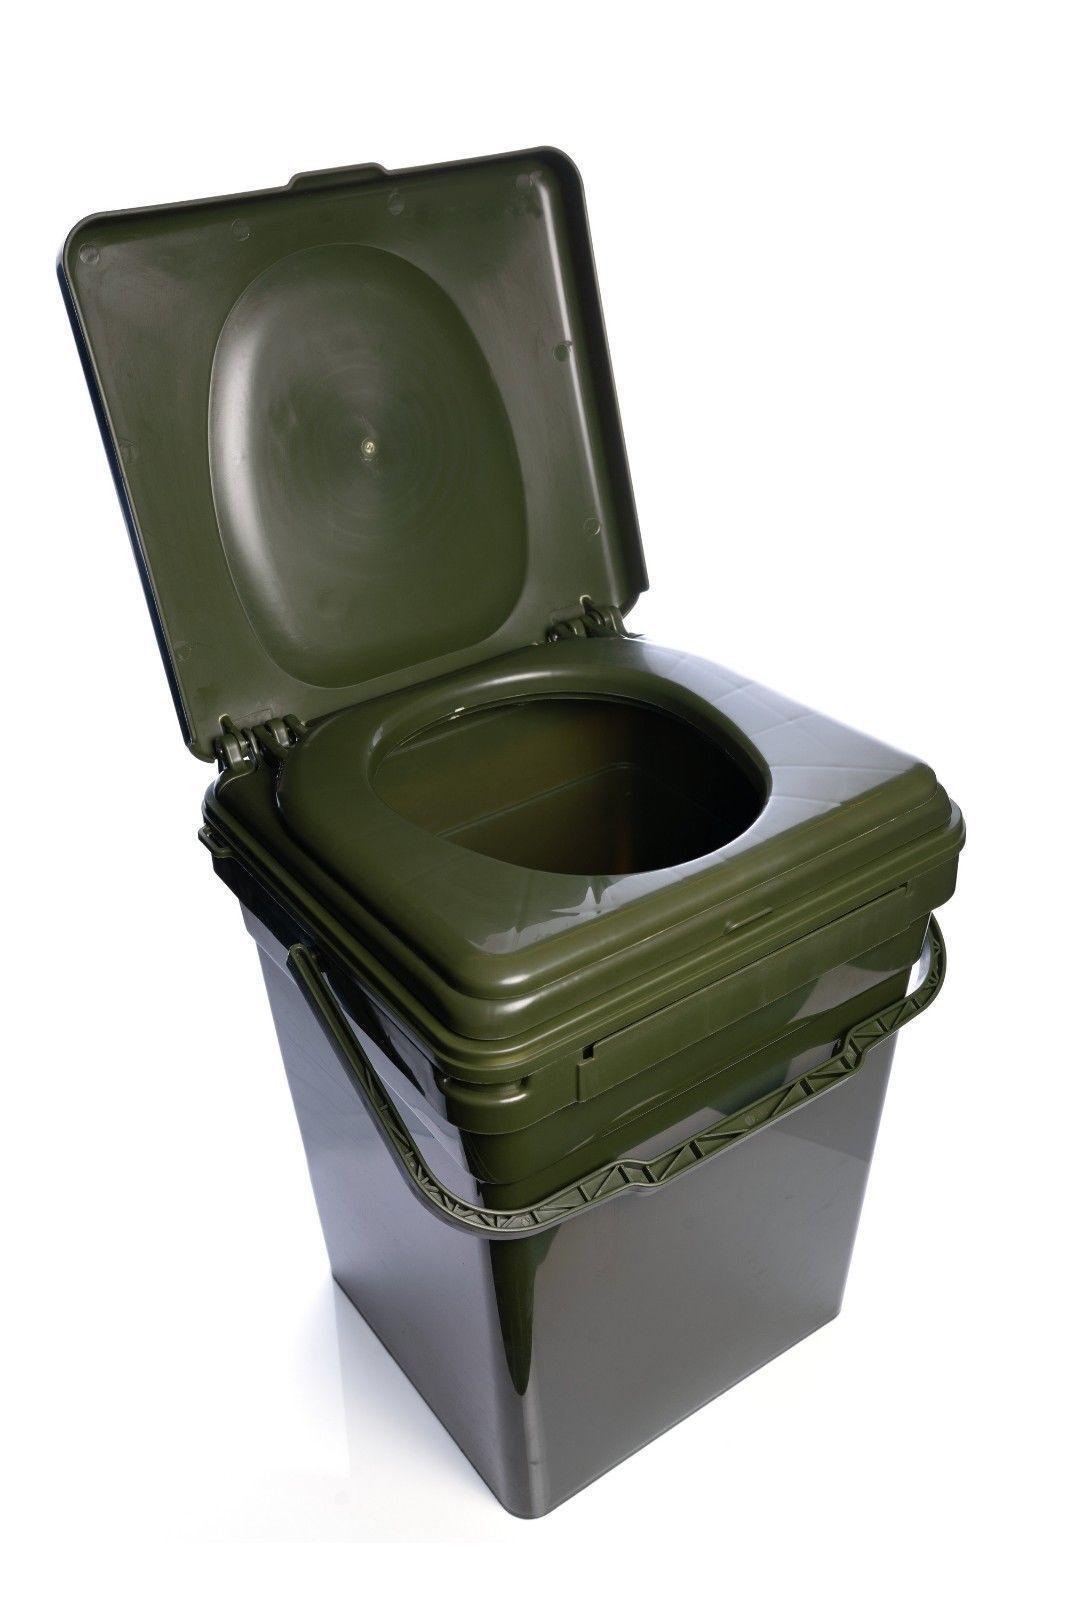 RIDGEMONKEY COZEE TOILET TOILET TOILET SEAT NEW FISHING TOILET RM130 RIDGE MONKEY TOILET BAGS 673090